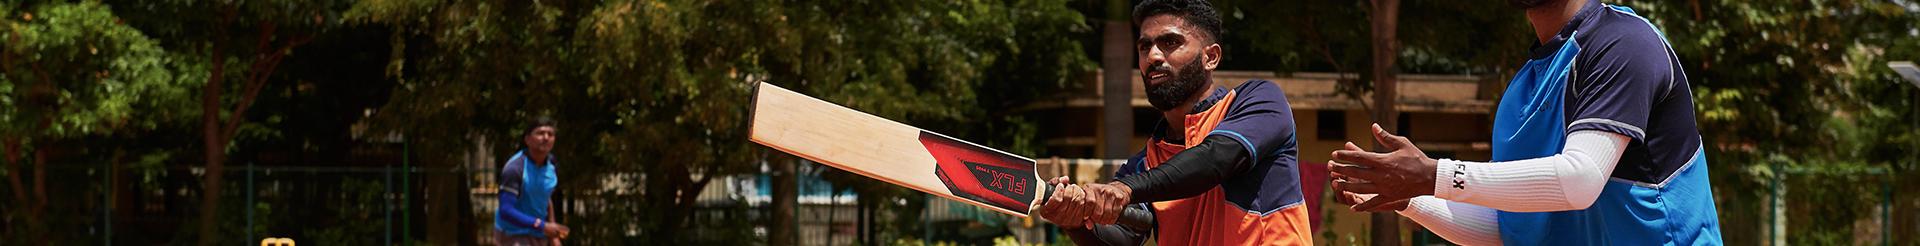 Play Cricket At Home